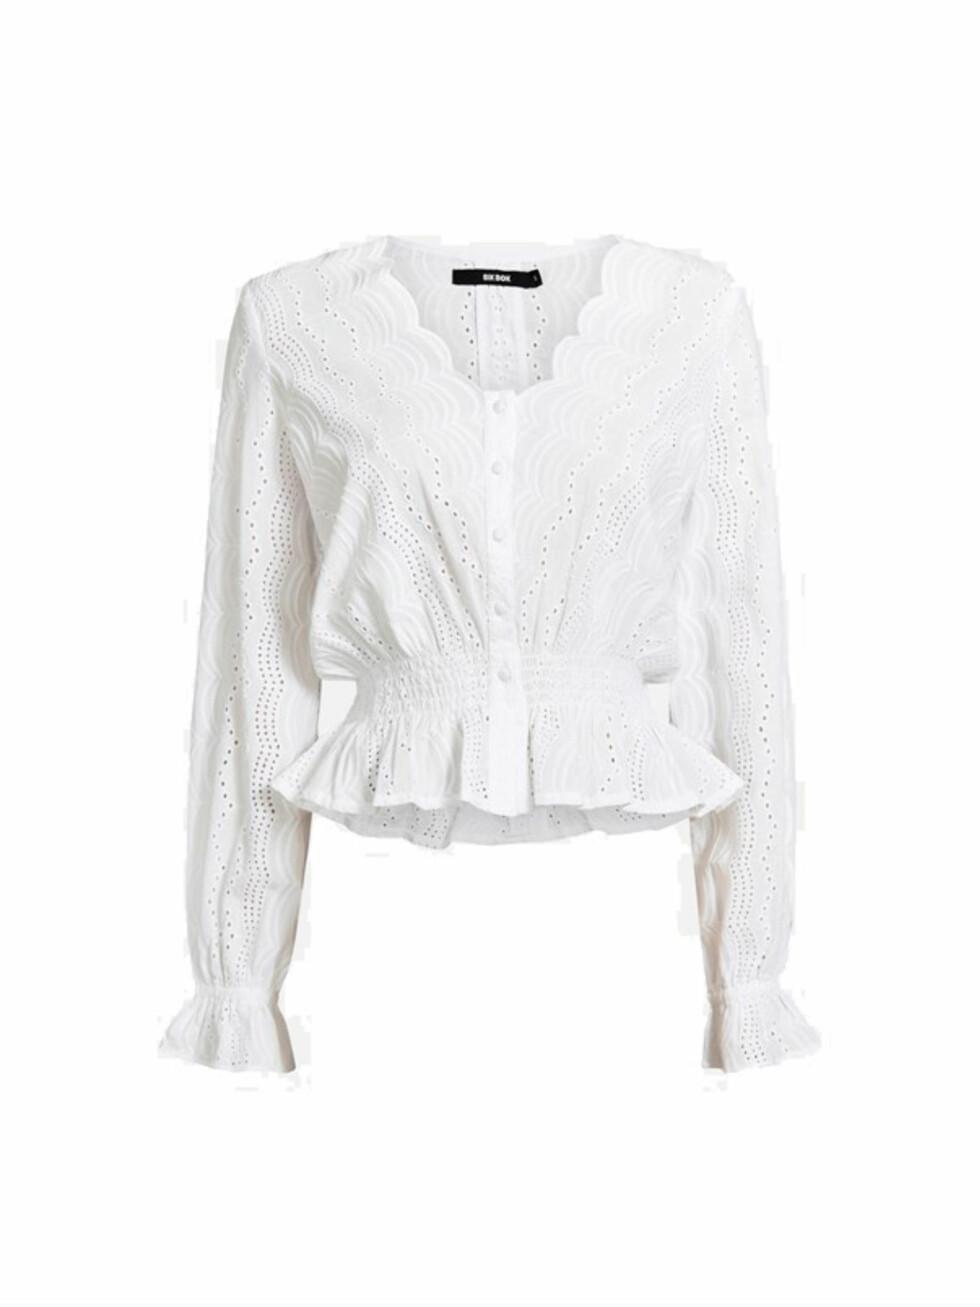 Topp fra Bik Bok  299,-  https://bikbok.com/no/p/overdeler/bluser/isabella-blouse/7216437_F900